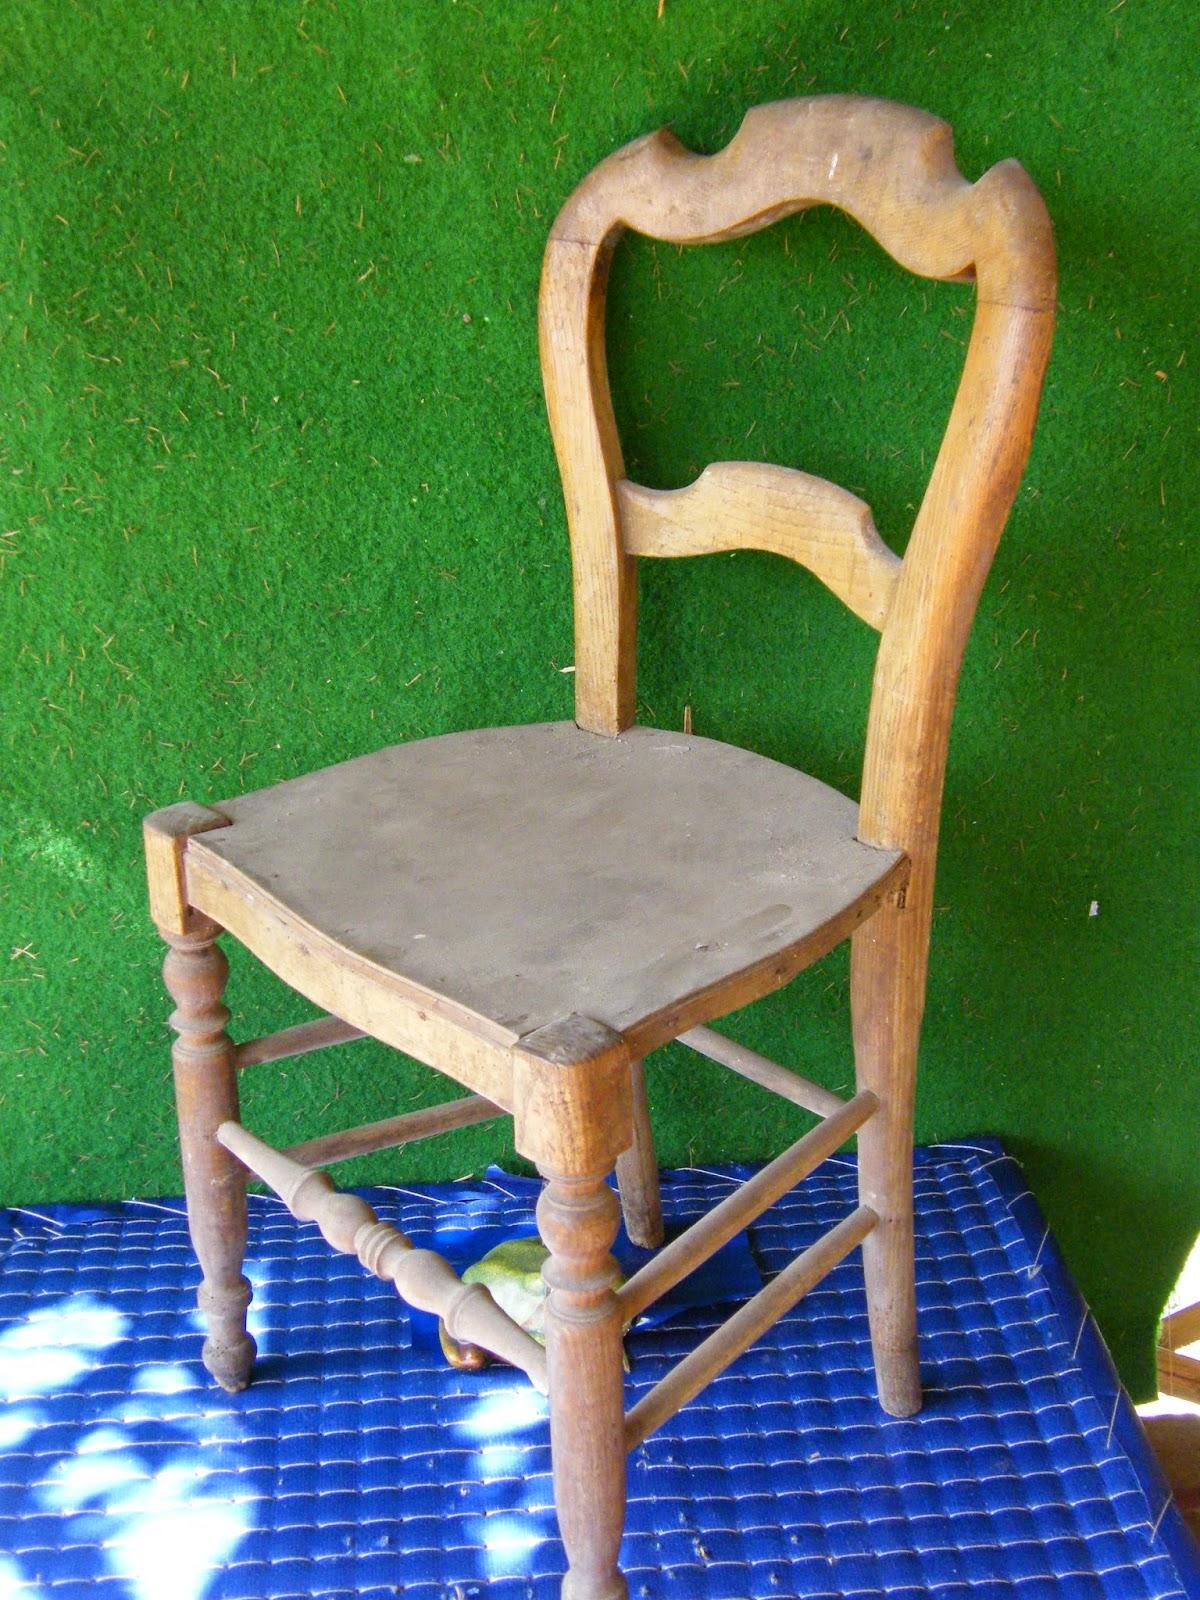 normandie cannage de retour de foire tout. Black Bedroom Furniture Sets. Home Design Ideas